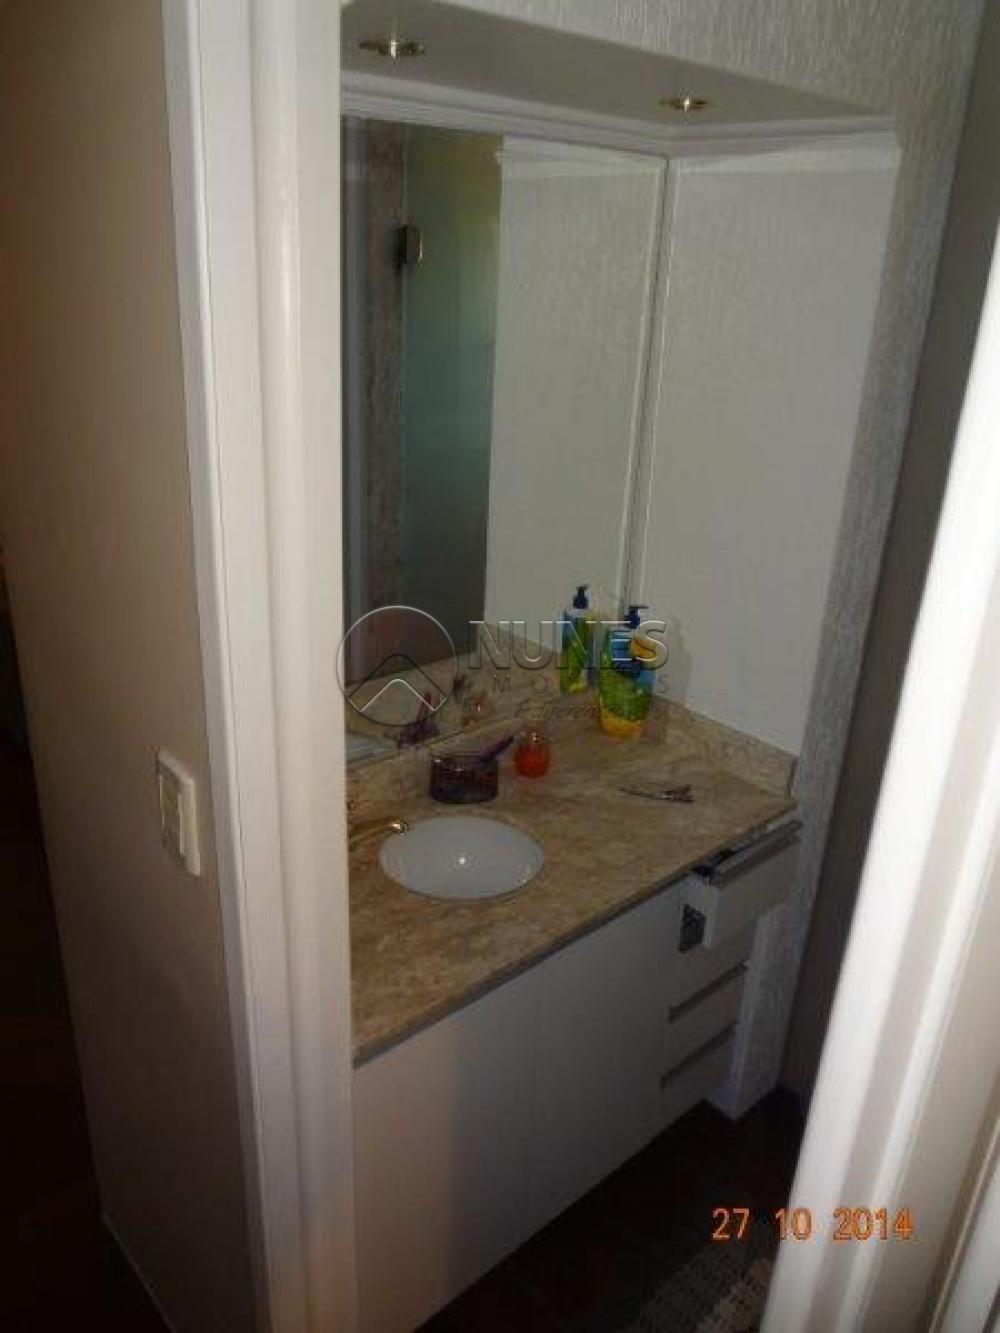 Comprar Apartamento / Padrão em Osasco apenas R$ 395.000,00 - Foto 15